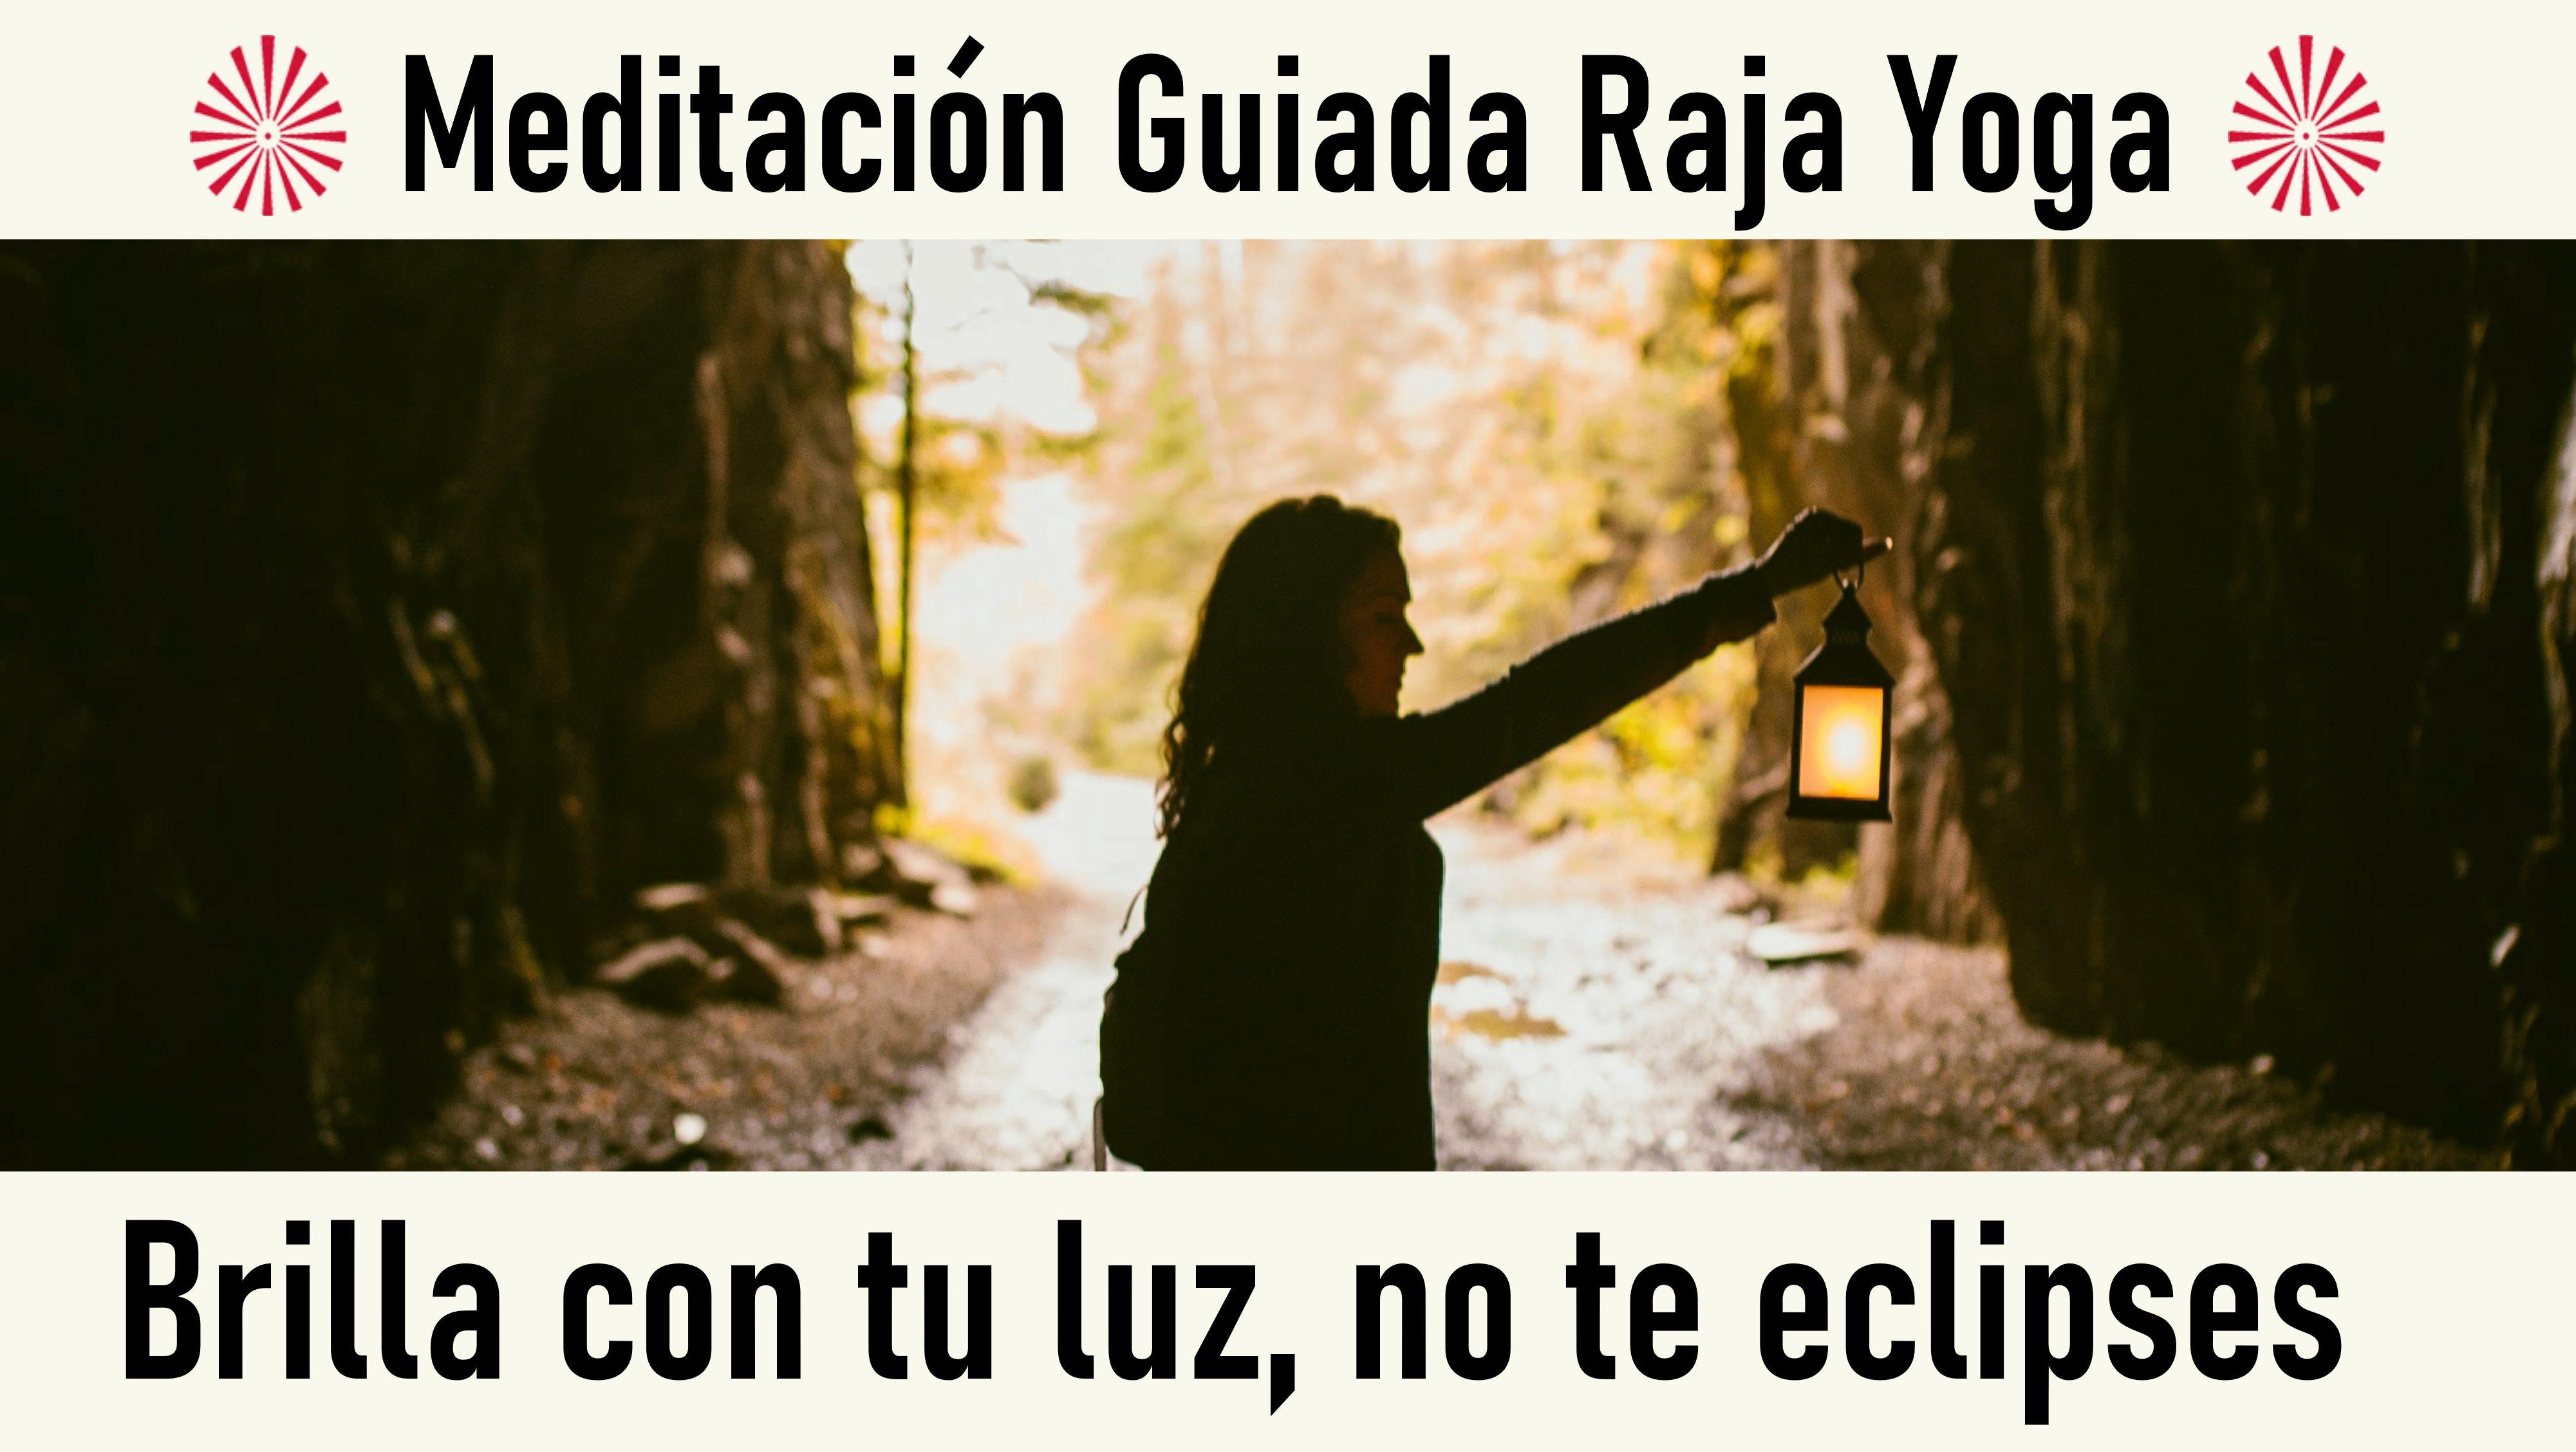 3 Octubre 2020 Meditación guiada: Brilla con tu luz, no te eclipses